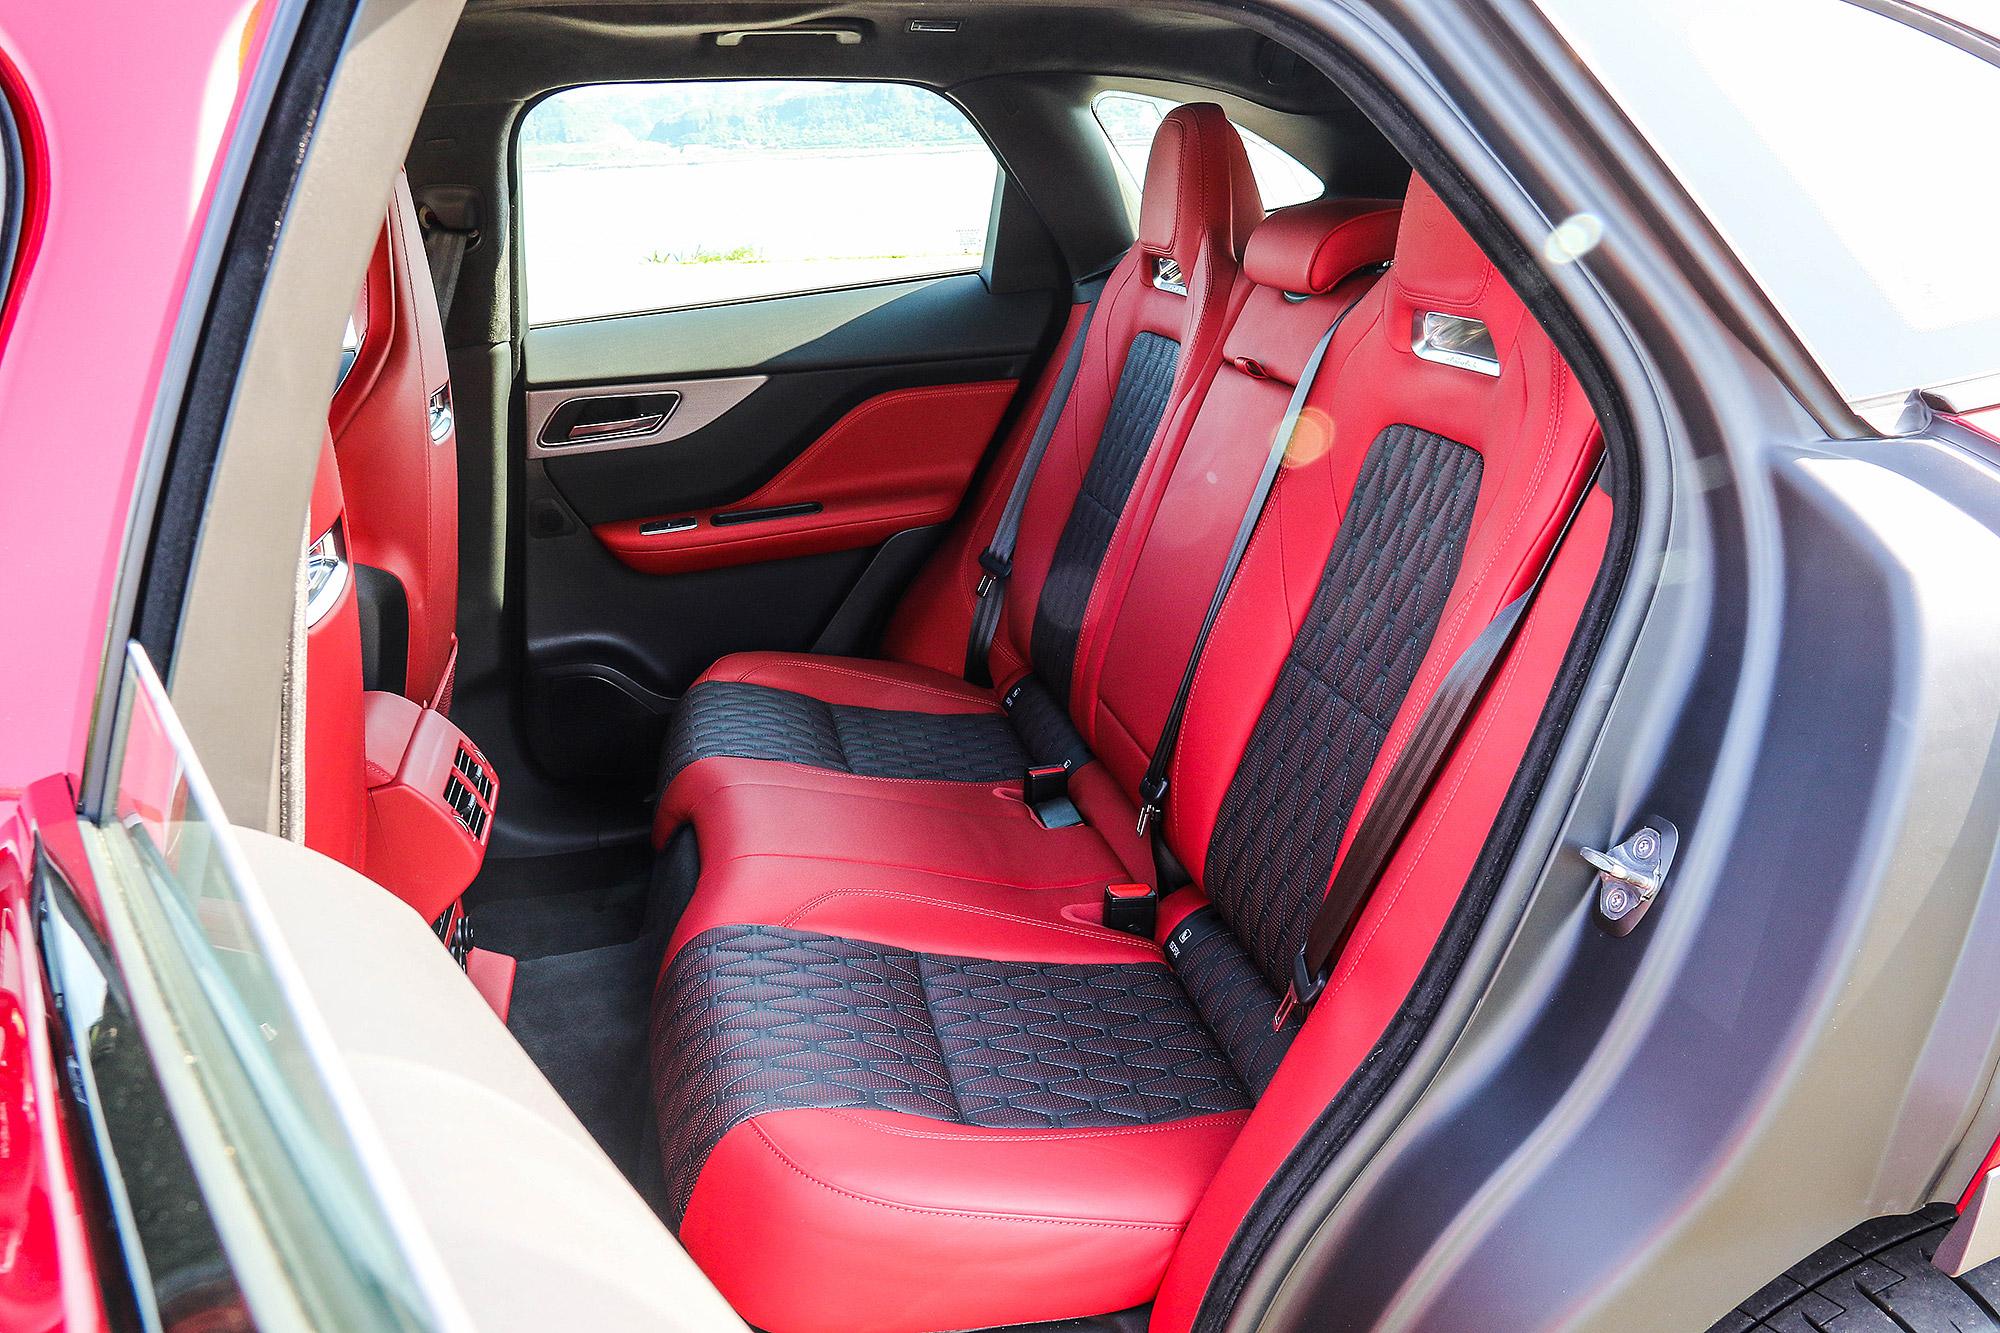 後座椅背因為採用輕量化跑車設計的關係,捨棄了電動椅背調整功能。